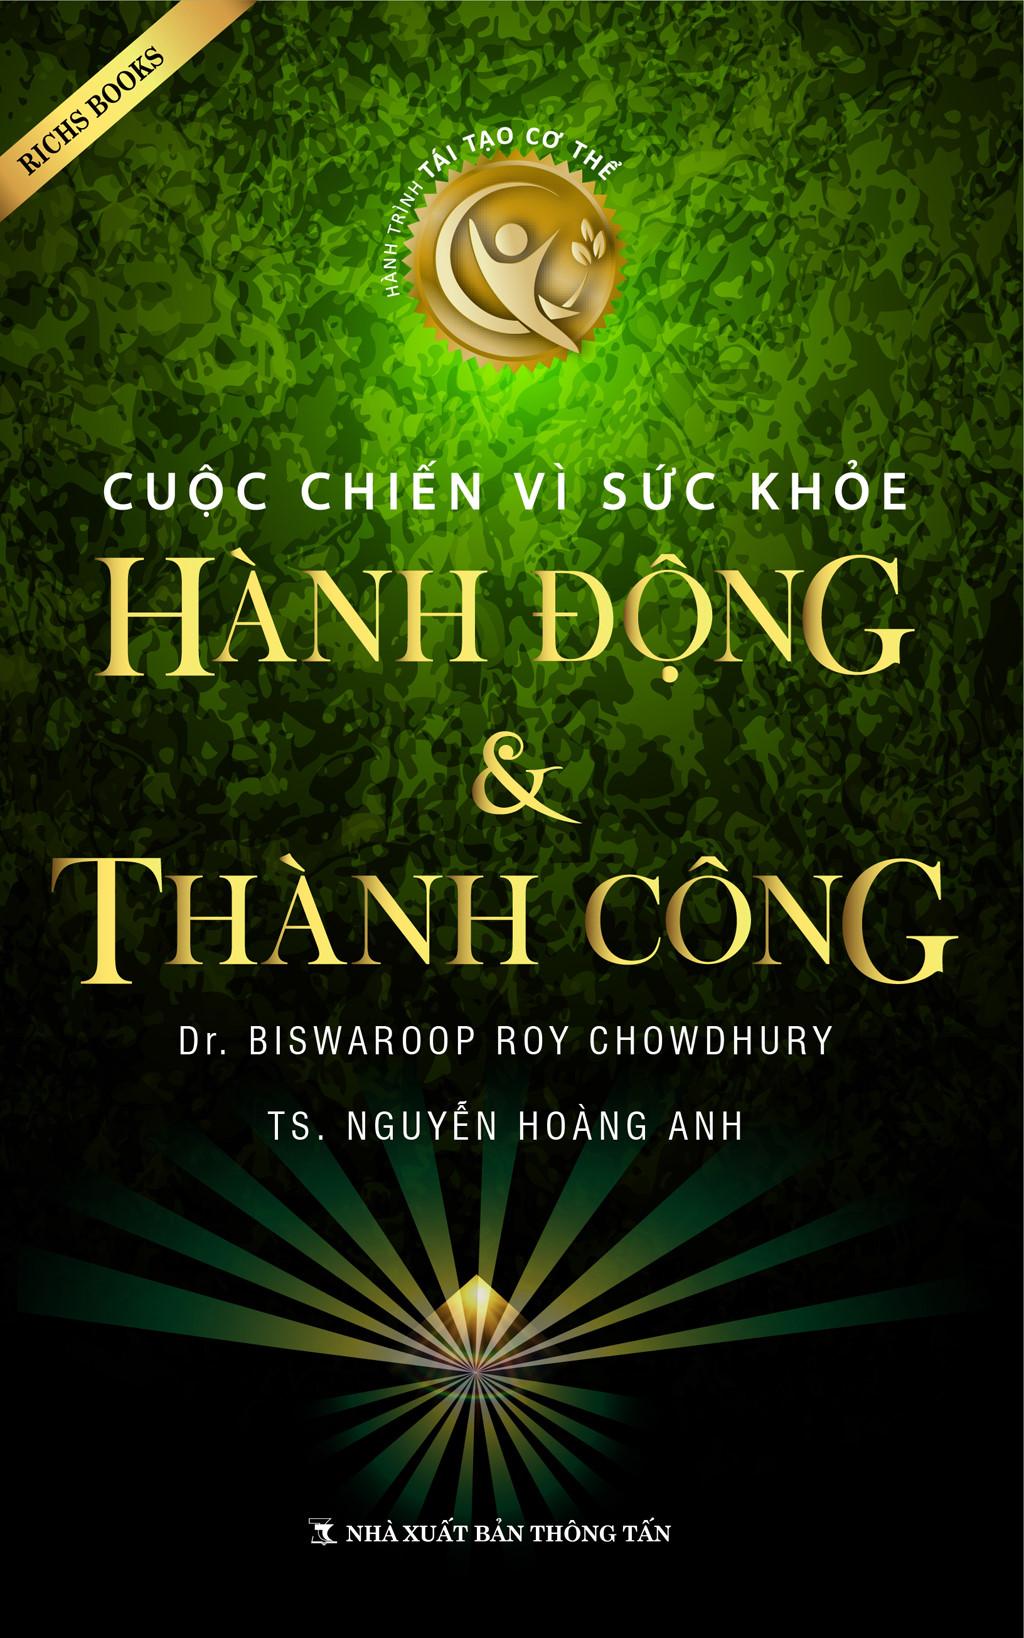 Cuộc Chiến Vì Sức Khỏe - Hành Động Và Thành Công - EBOOK/PDF/PRC/EPUB